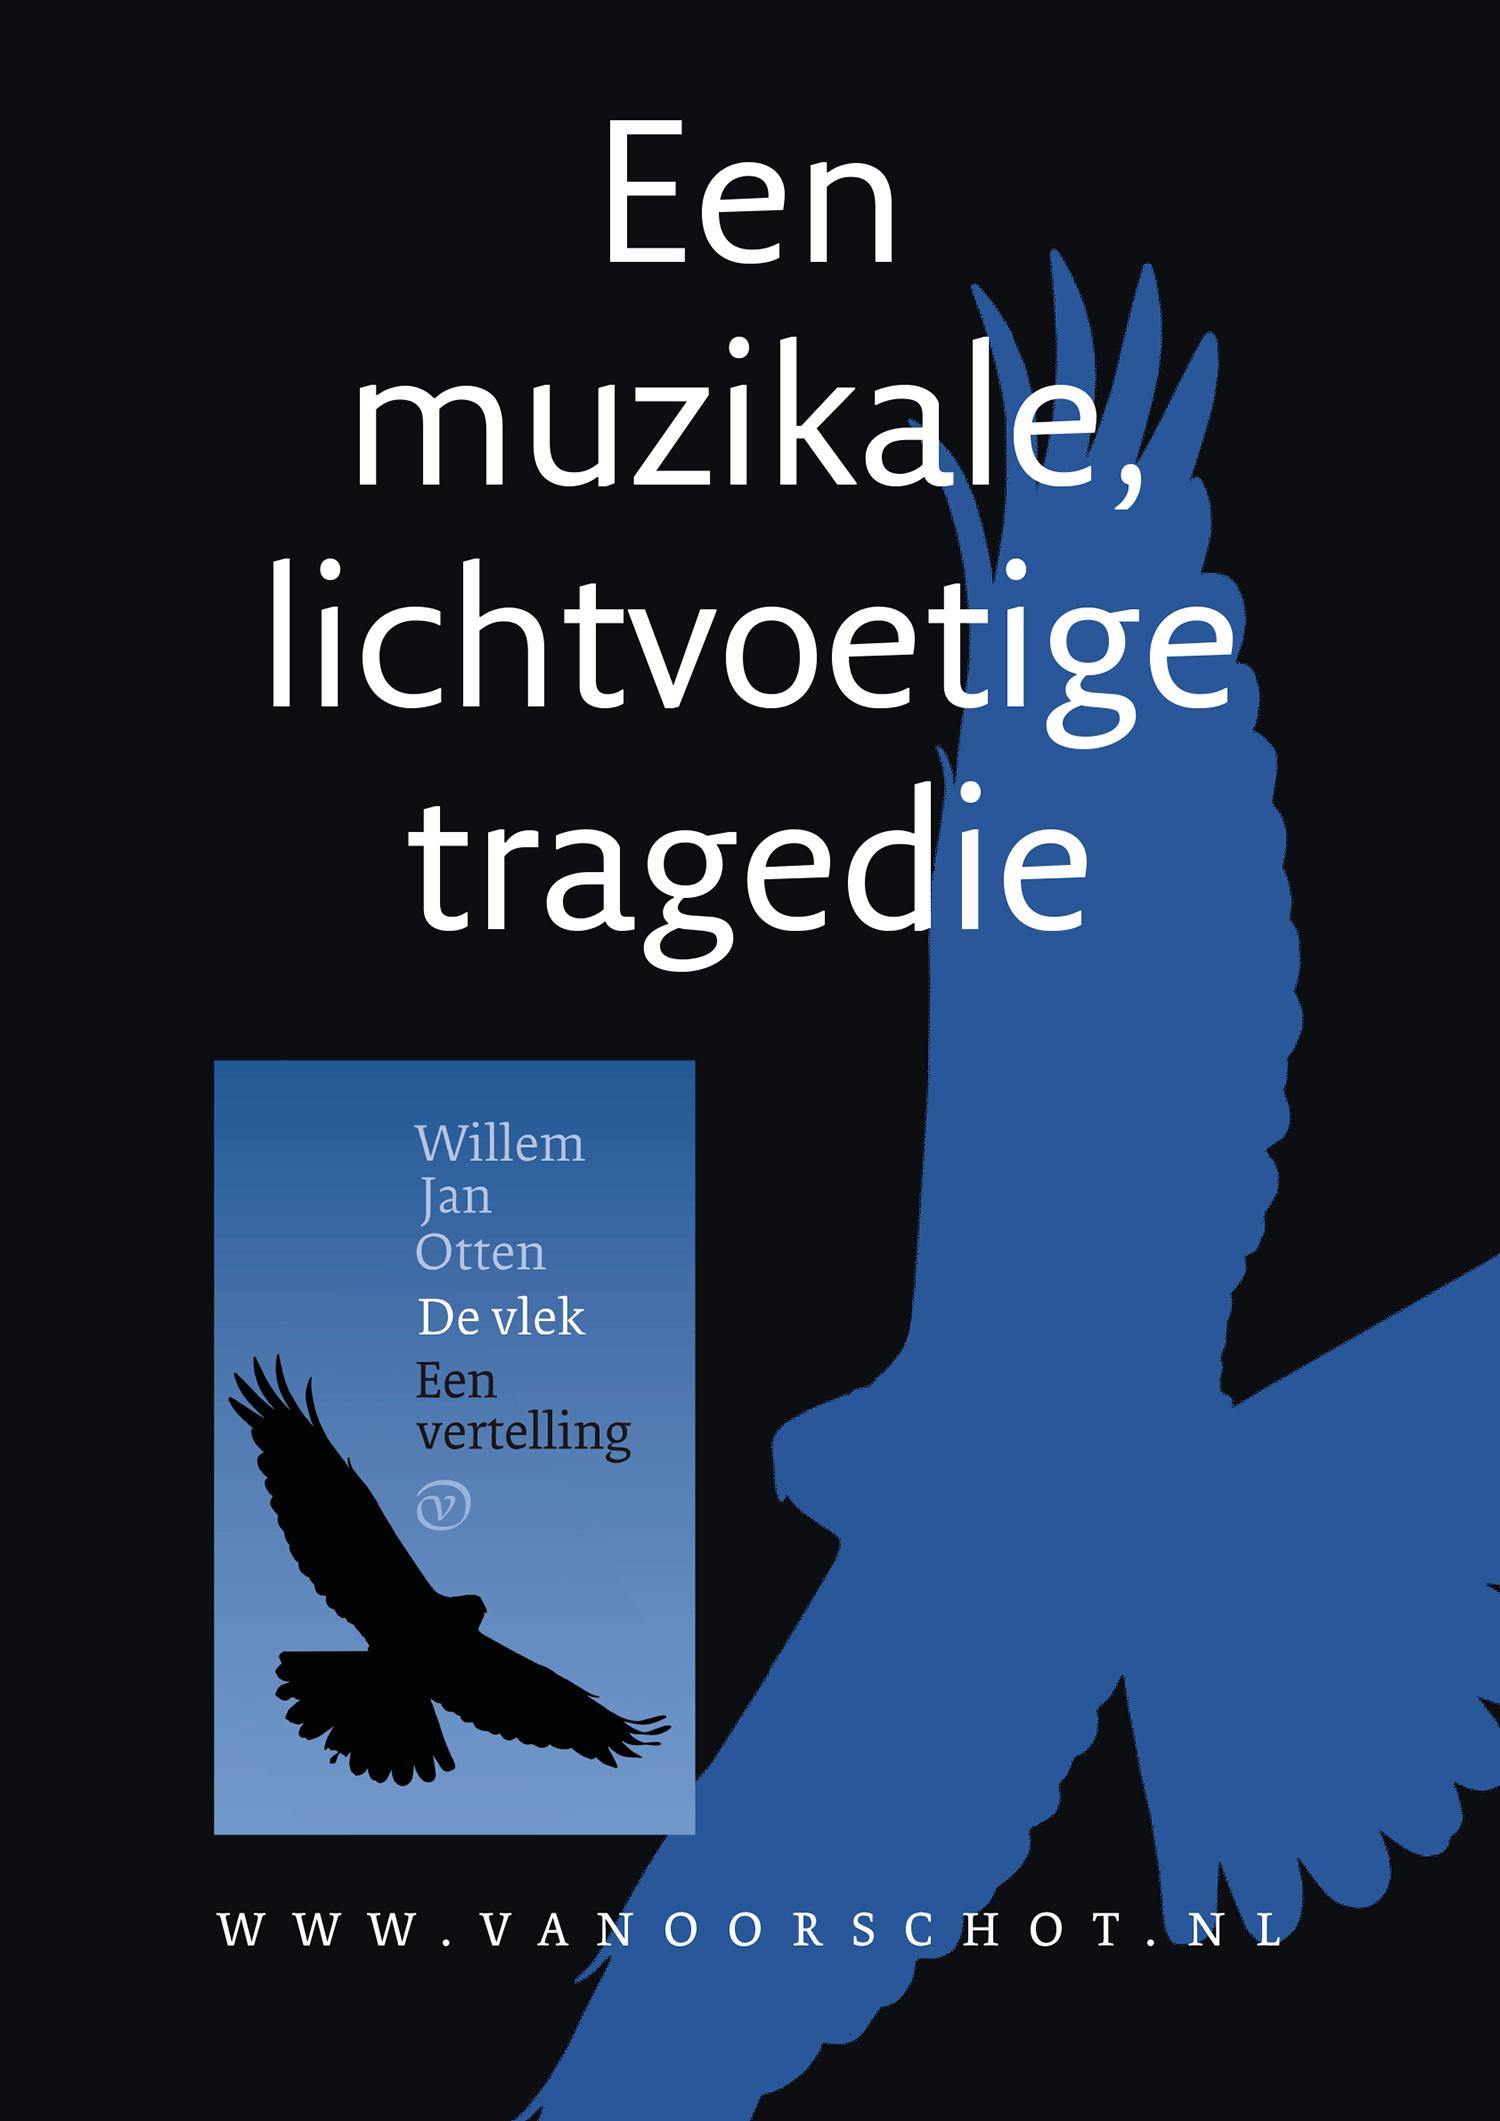 A1 Willem Jan Otten De vlek.png